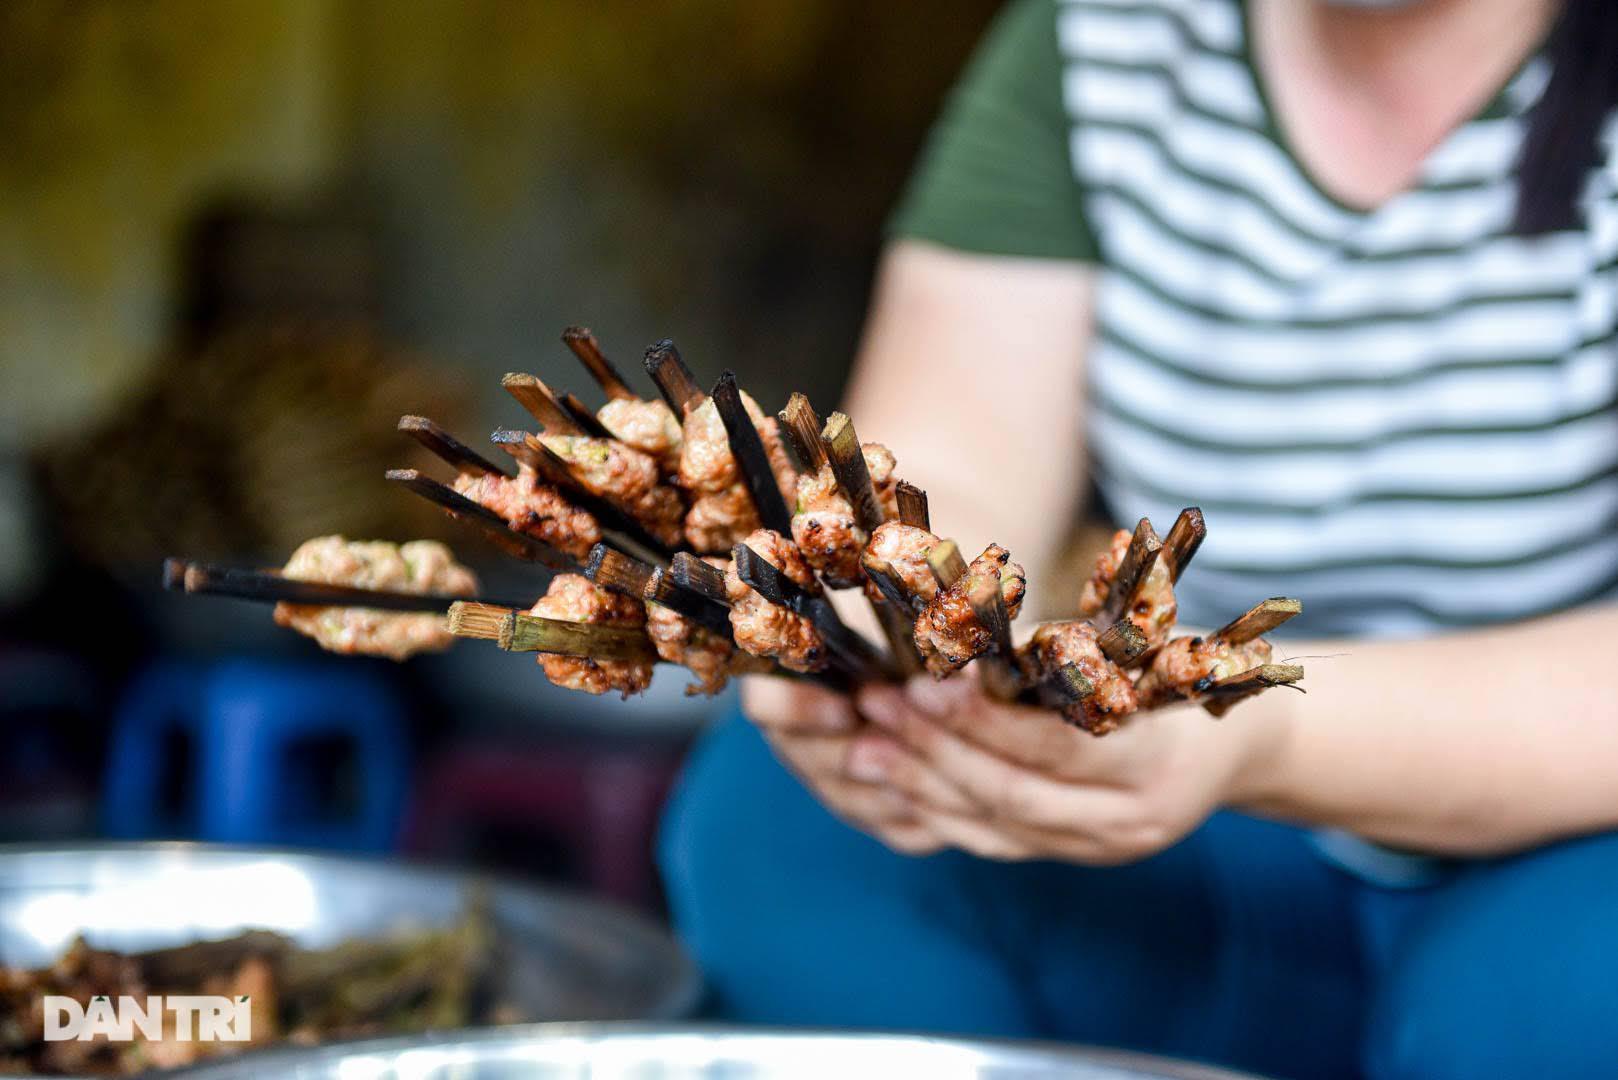 Hiếm có ở Hà Nội: Bún chả kẹp que tre nướng, ngày bán hàng trăm suất - Ảnh 10.